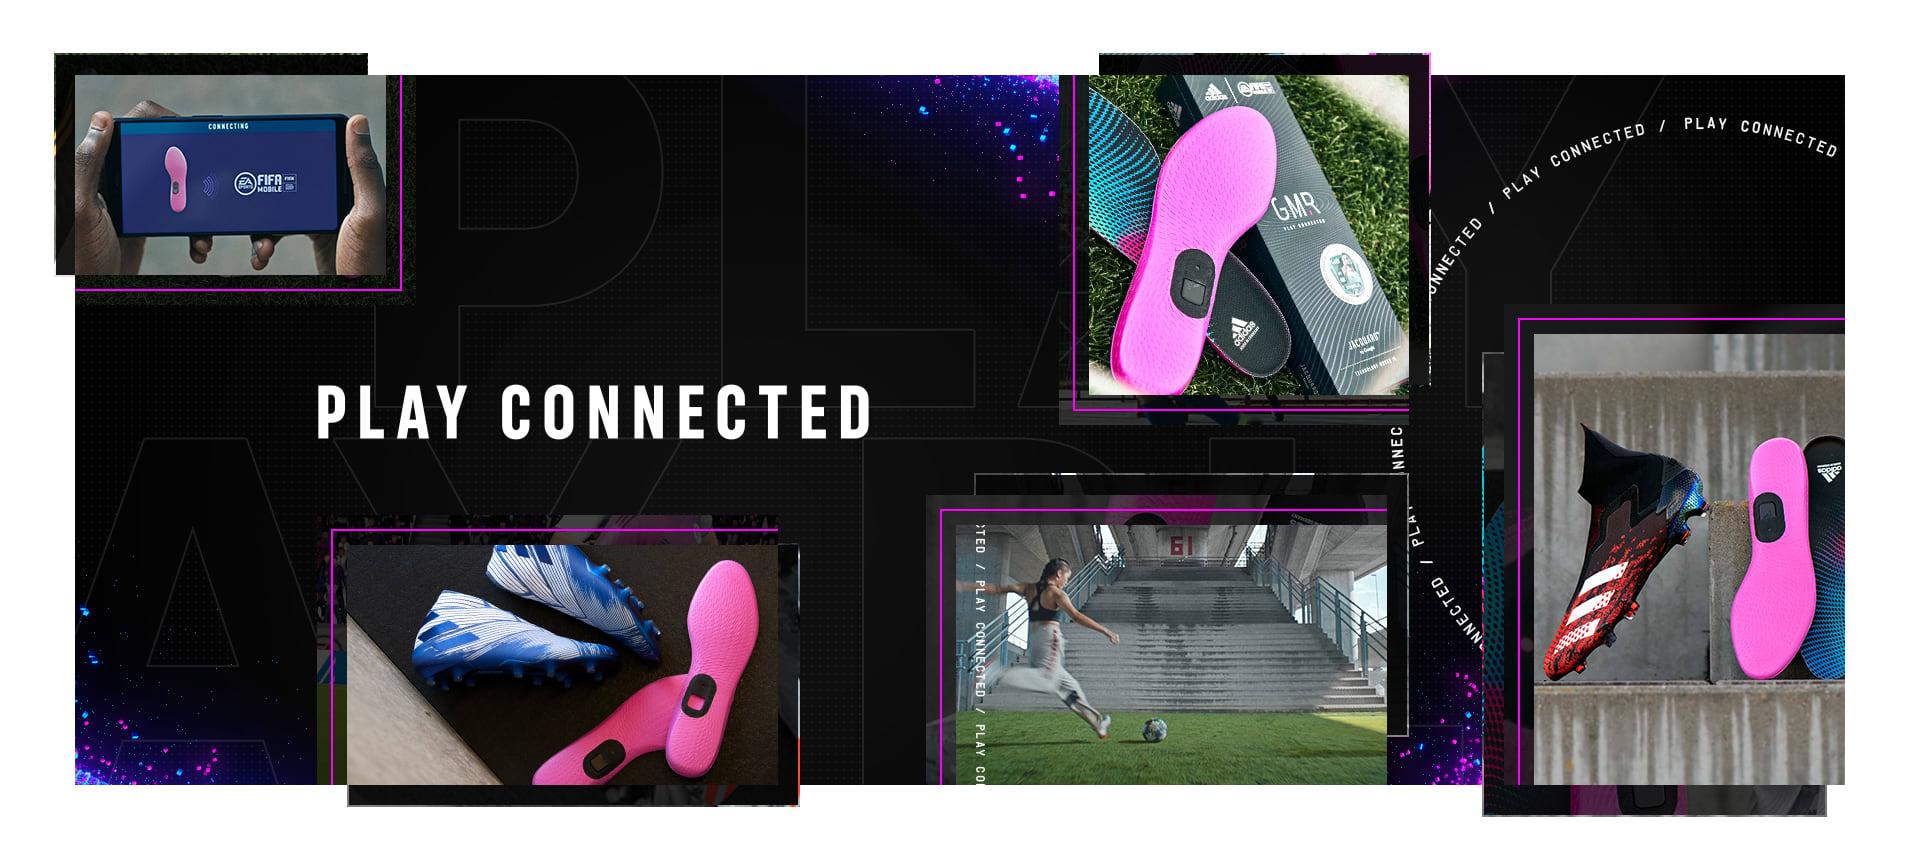 chuteiras de marcas conteudo de qualidade: Adidas PrimeKnit